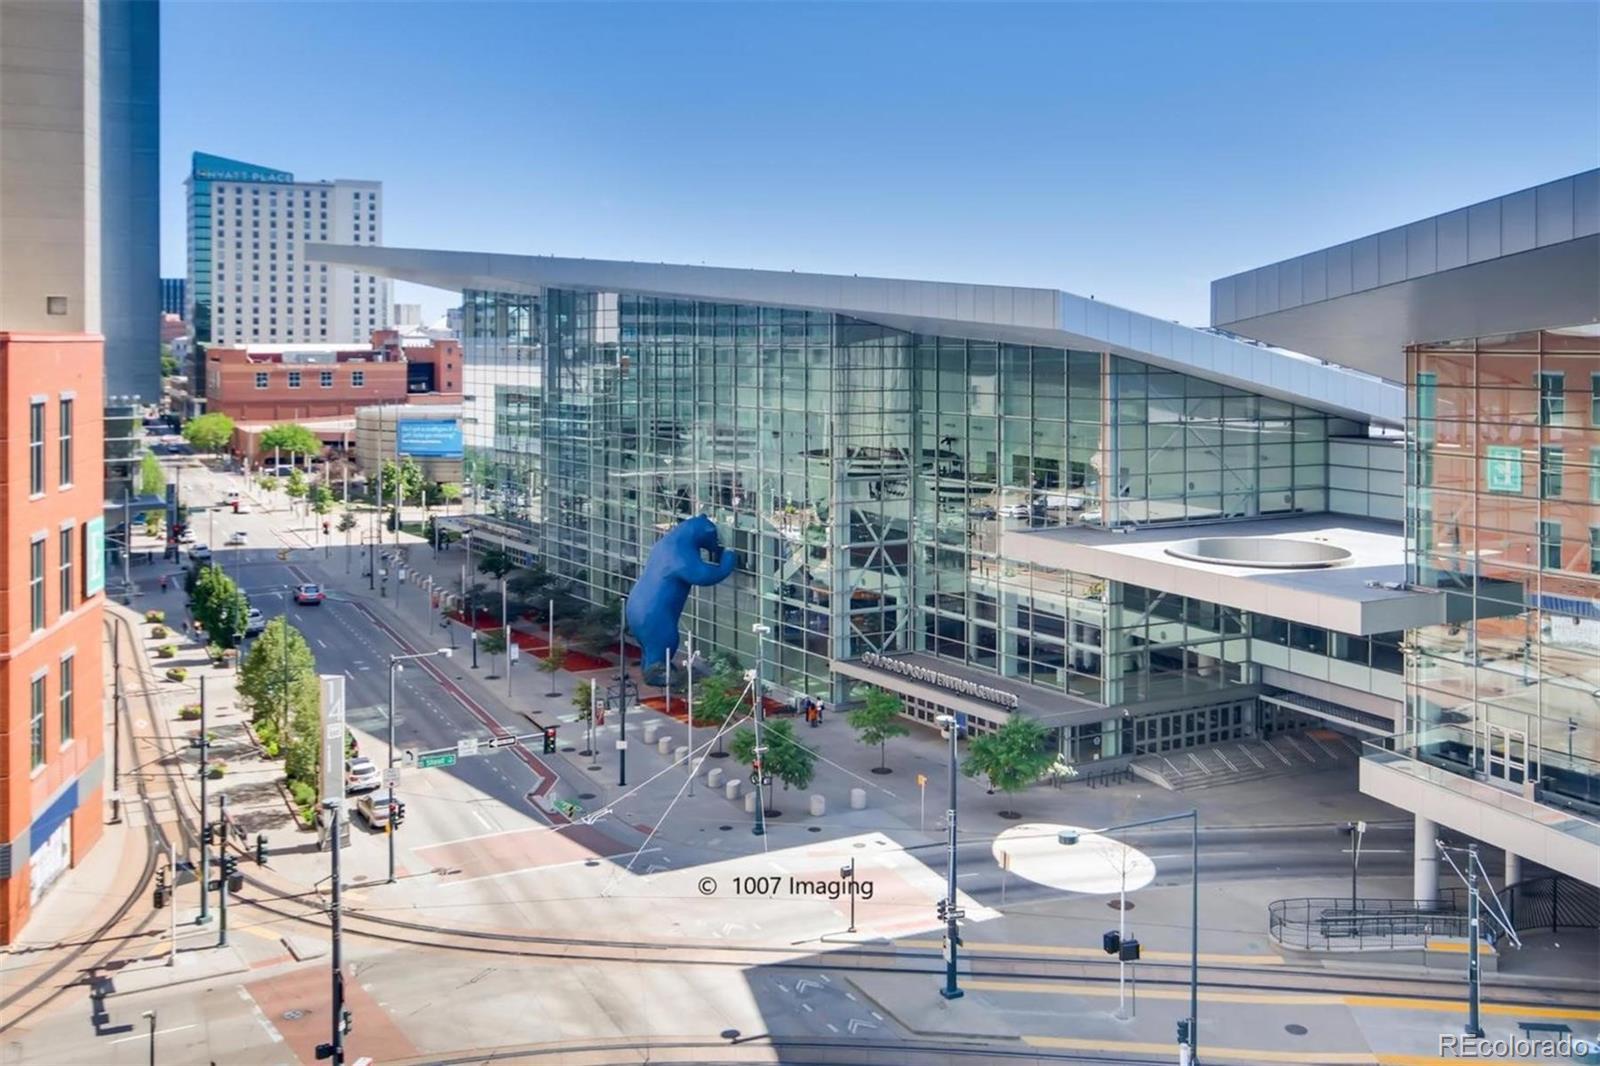 MLS# 4389027 - 29 - 891 14th Street #2610, Denver, CO 80202